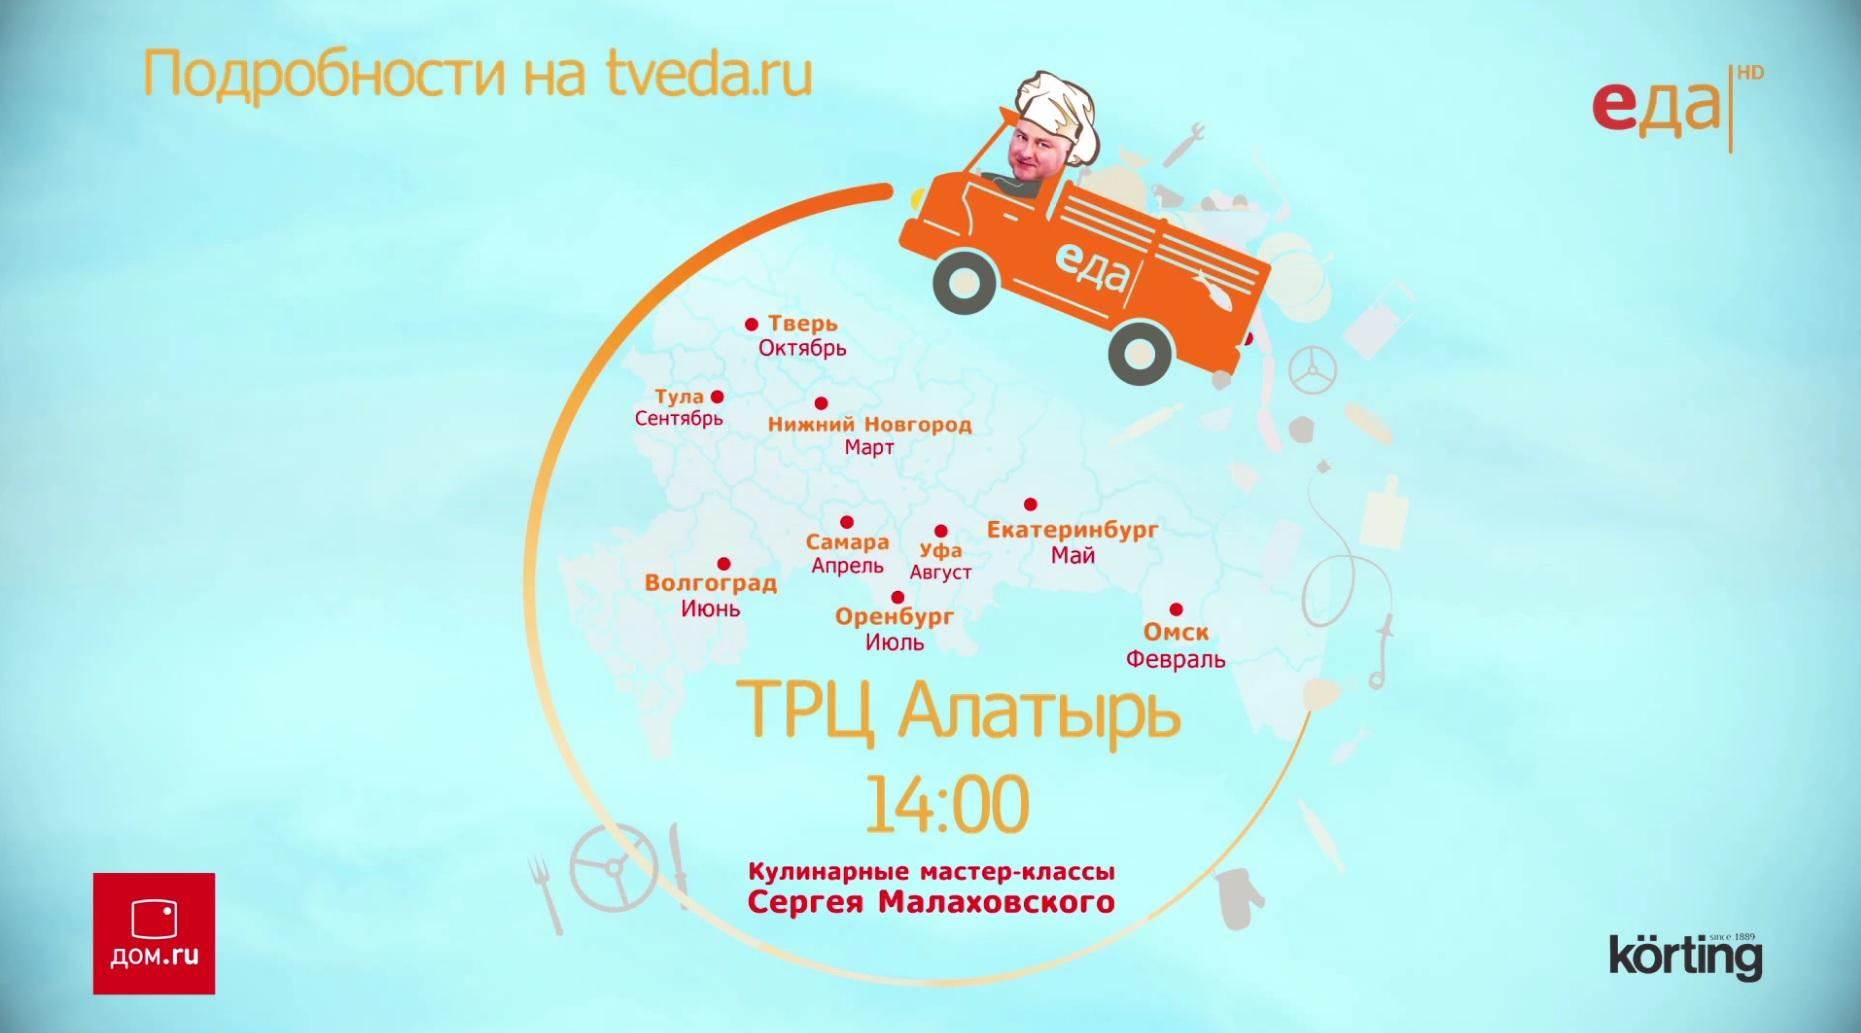 Оранжевый фургон в Екатеринбурге